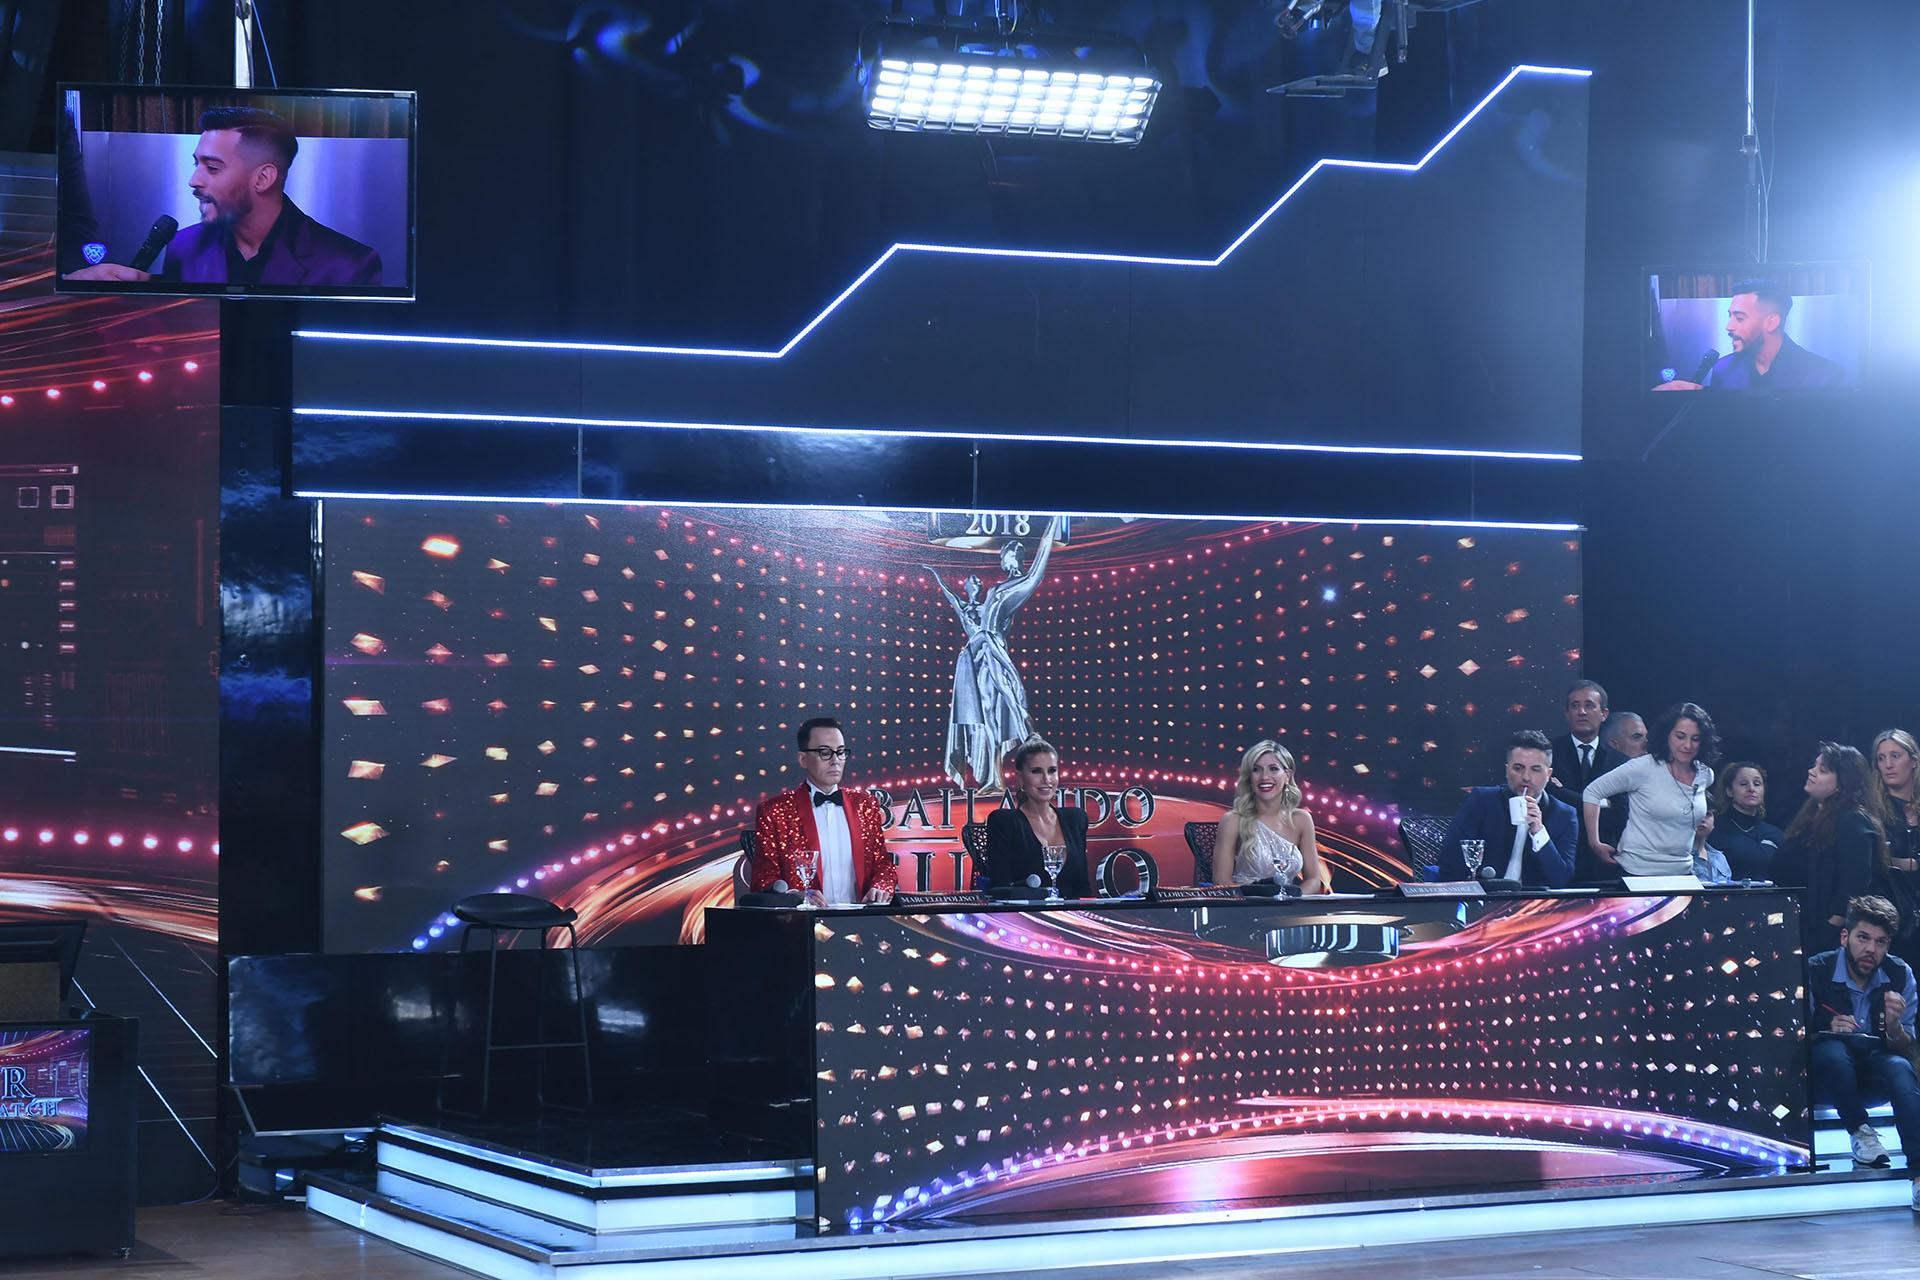 El nuevo jurado del Bailando, con Marcelo Polino, Florencia Peña, Laurita Fernández y Ángel de Brito (Crédito de Fotos: Prensa LaFlia)